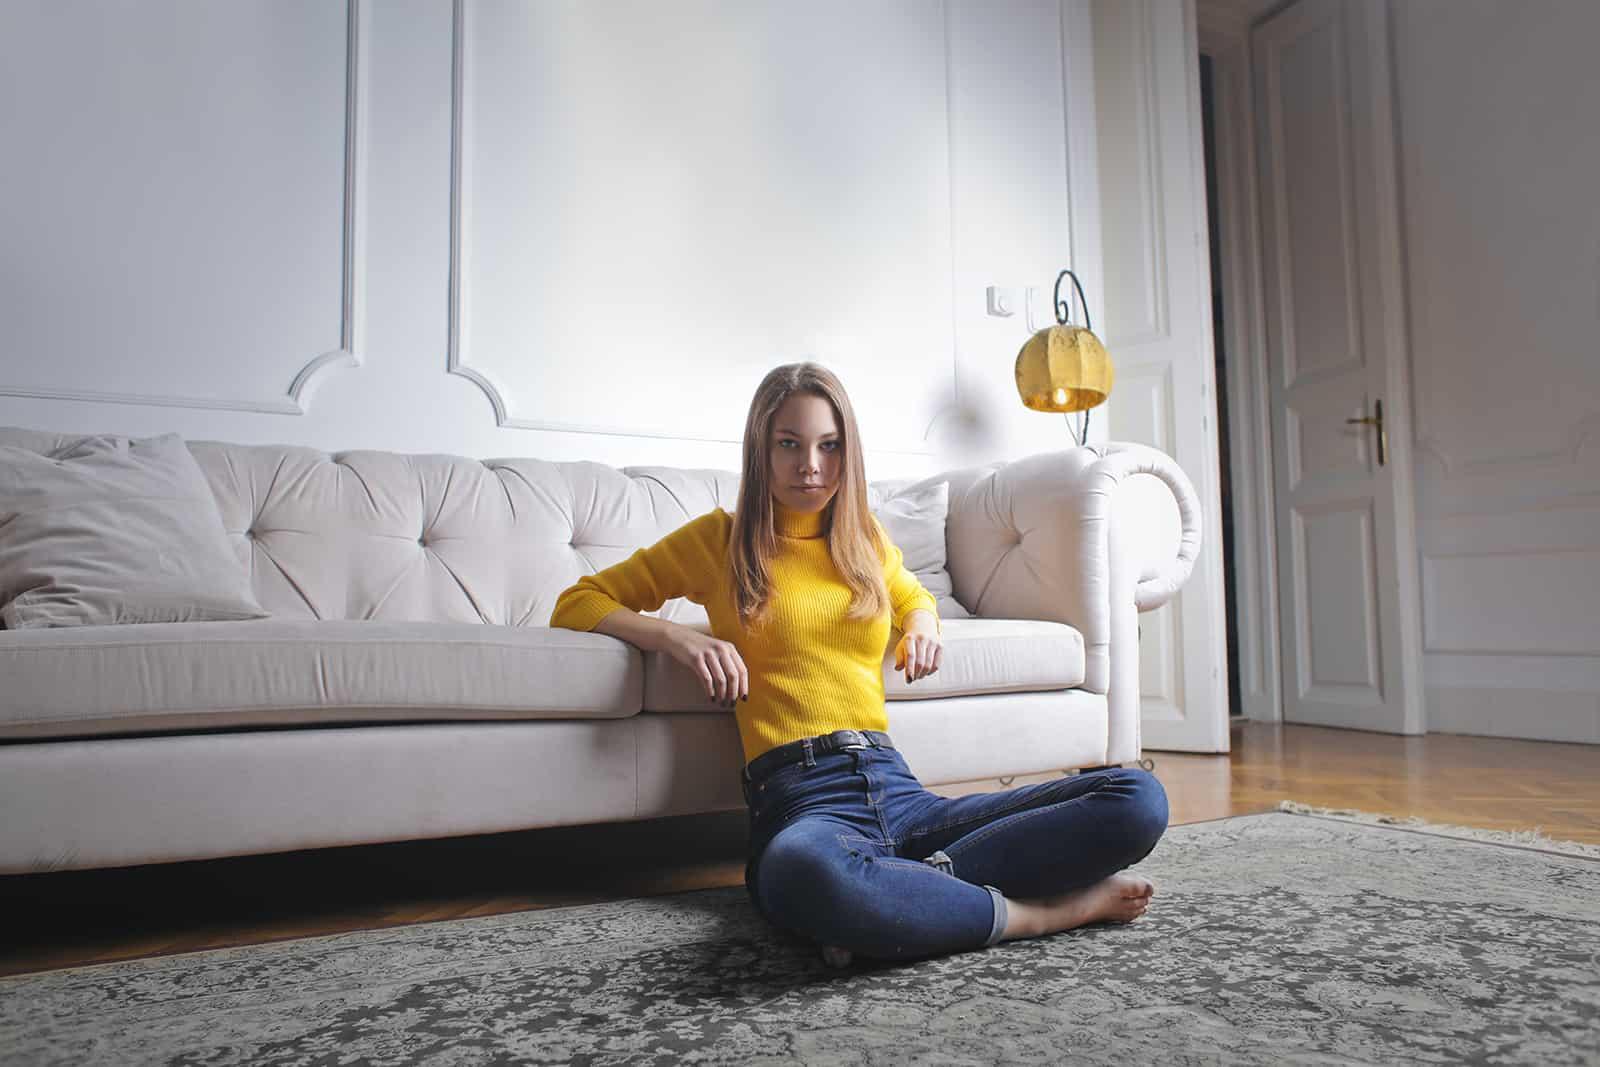 eine junge Frau, die auf dem Boden sitzt und sich auf die Couch lehnt